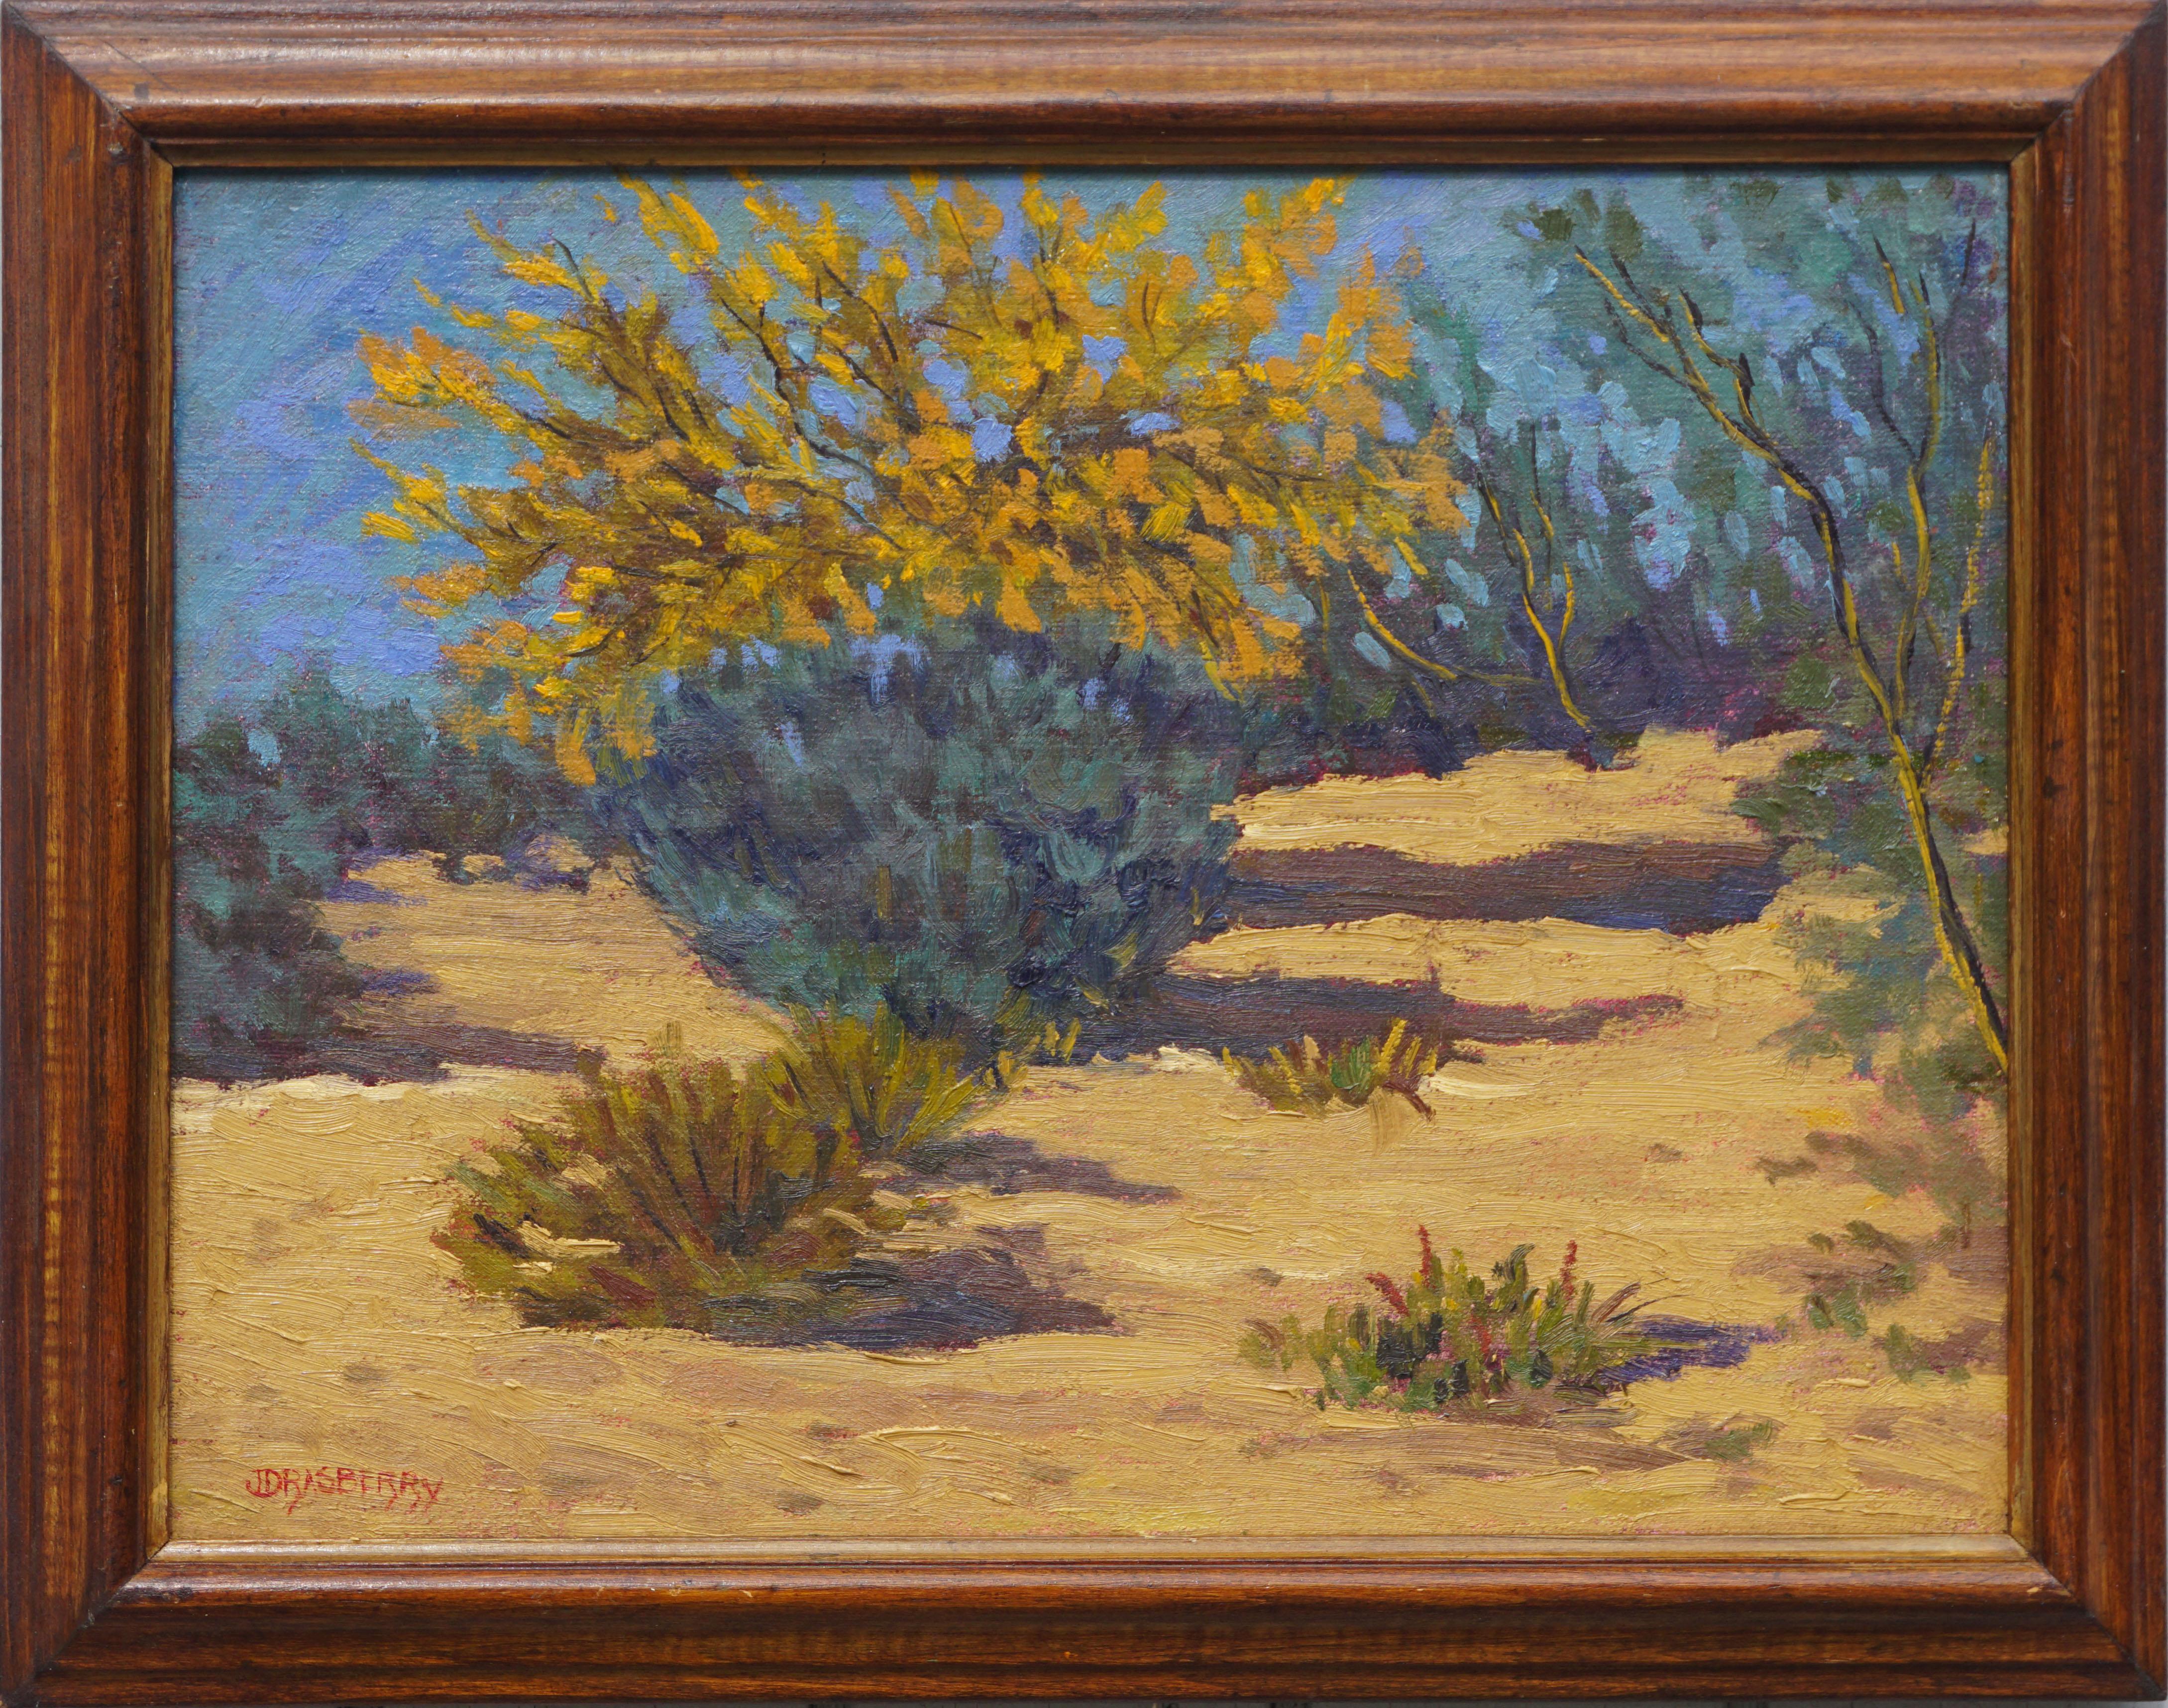 California Chaparral Landscape